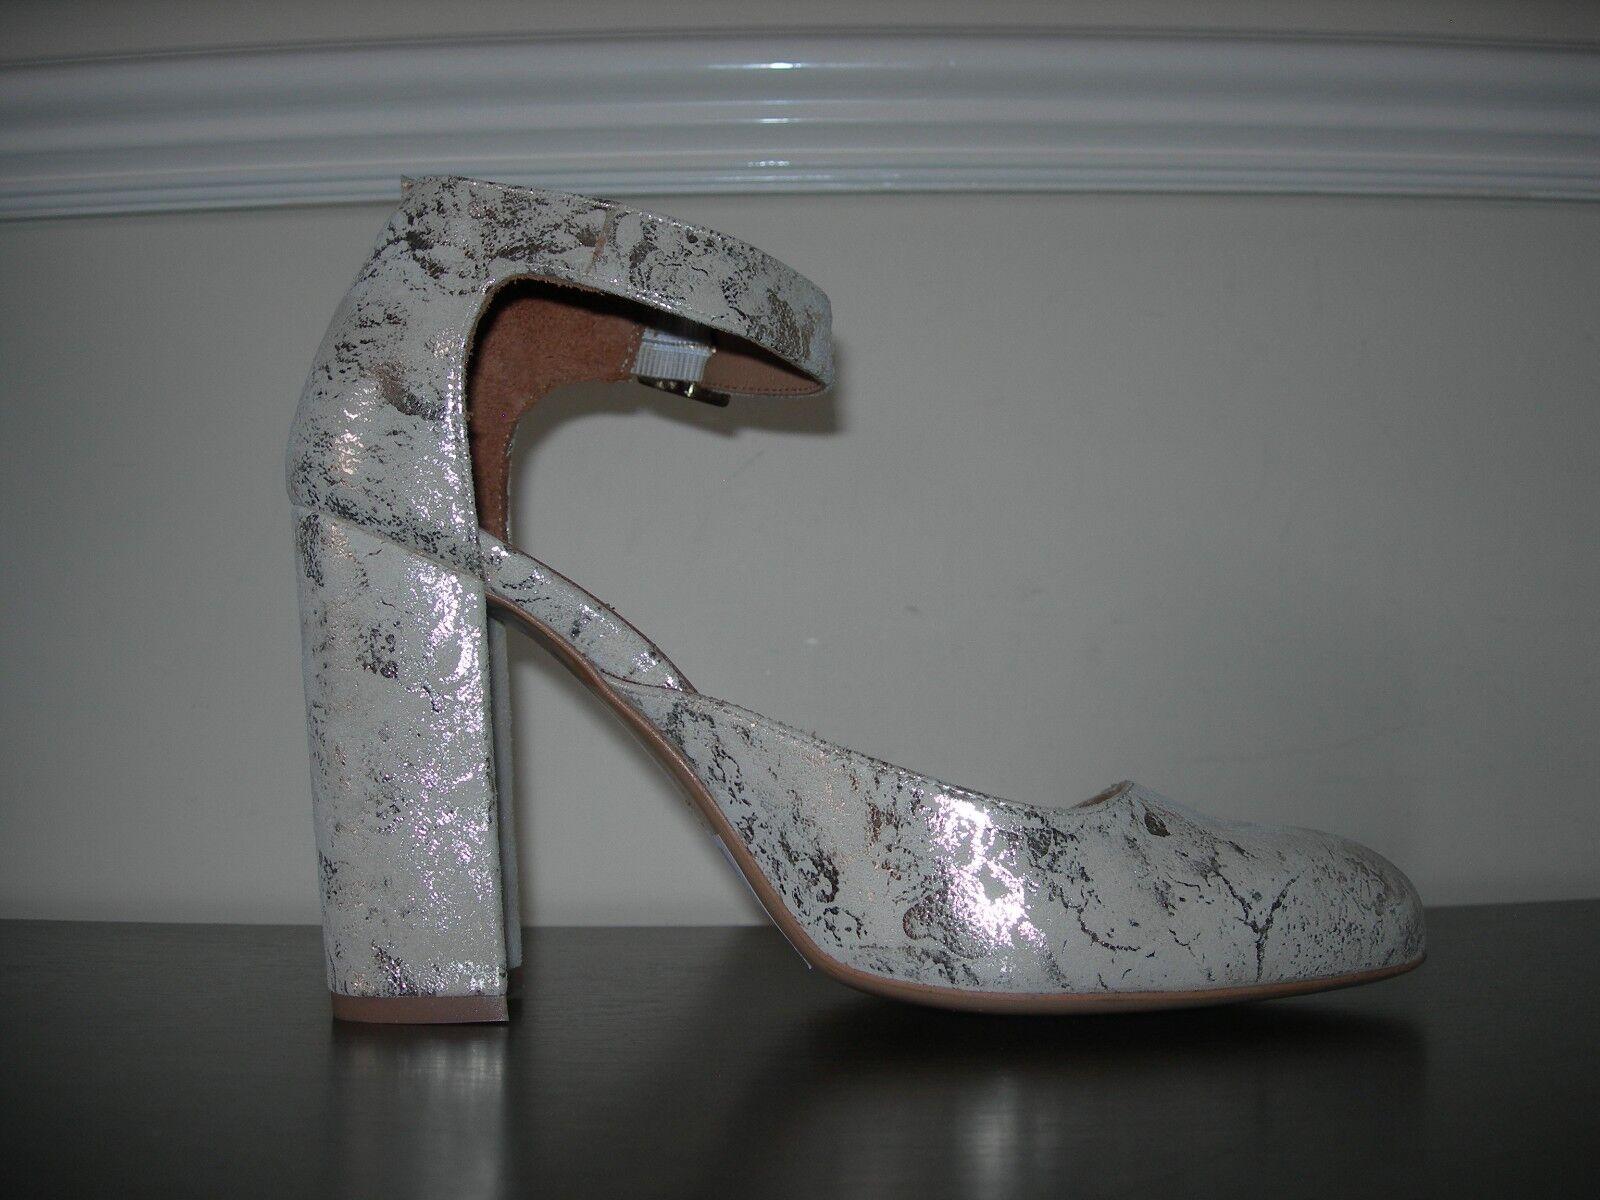 CLARKS WOMEN'S Schuhe SANDALS HIGH HEELS EU BEIGE GOLDEN SUEDE ELEGANT EU HEELS 38 / UK 5 f018f5